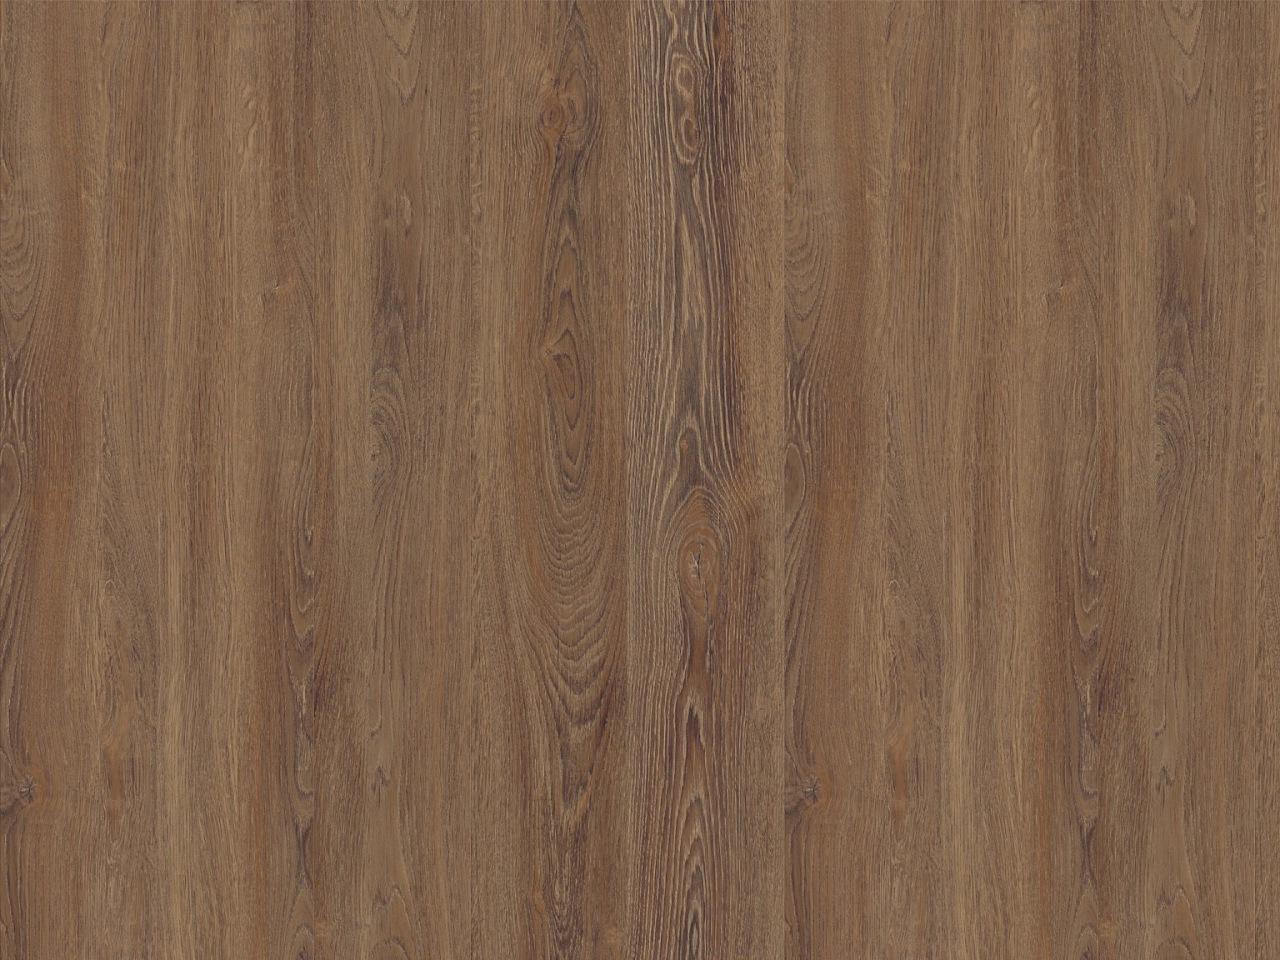 Designbelag Alesso wood – Eiche Gent, 324001